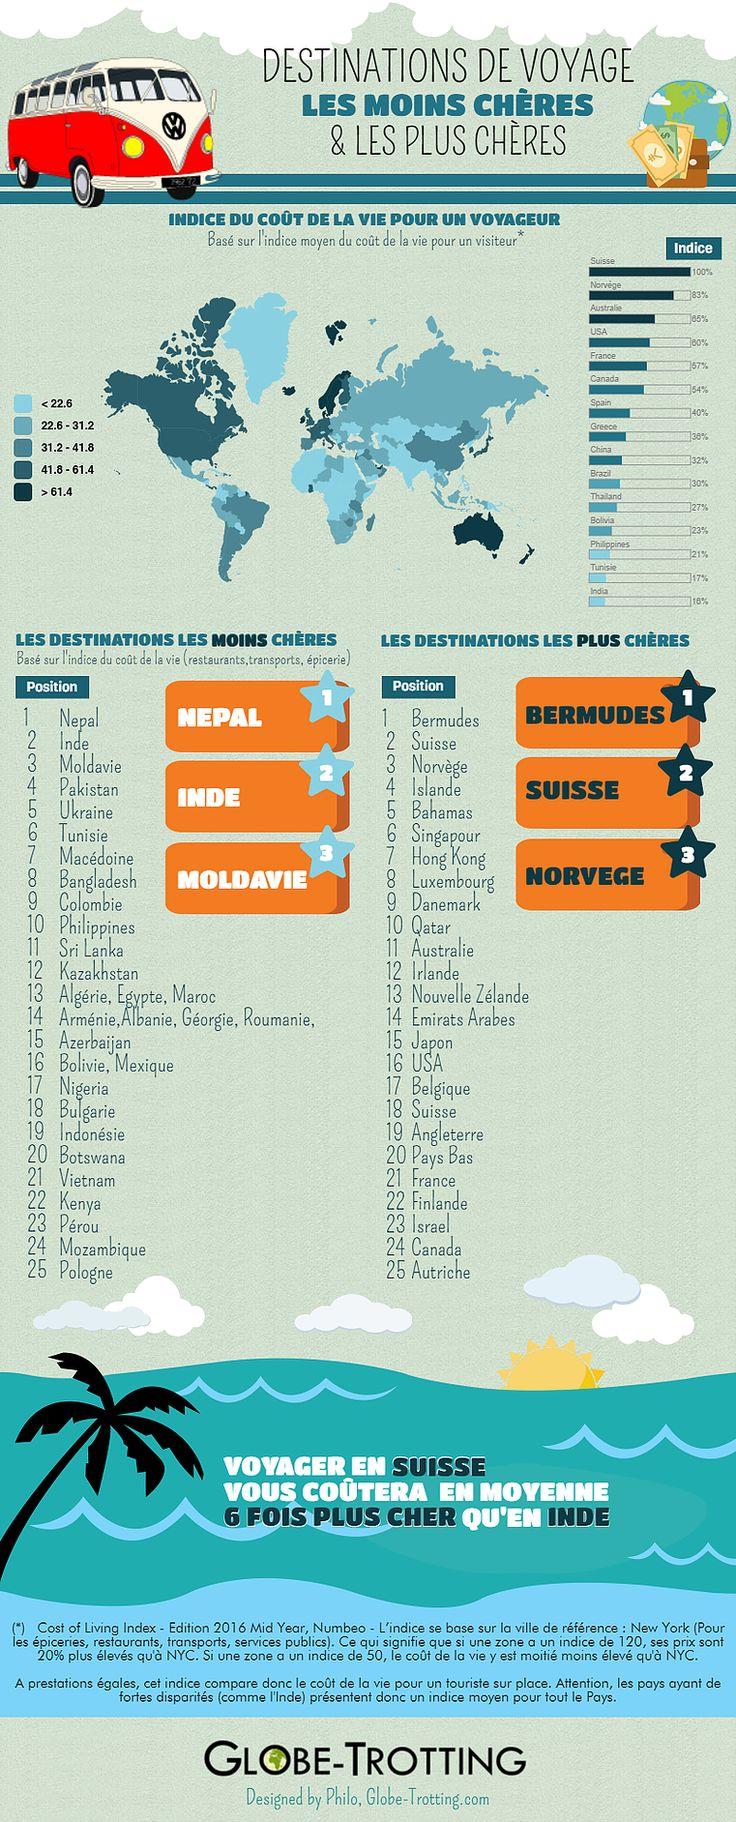 Voici un aperçu des destinations où le coût de la vie est le plus bas ou le plus élevé au Monde.Afin de vous aider à savoir si votre envie de voyage